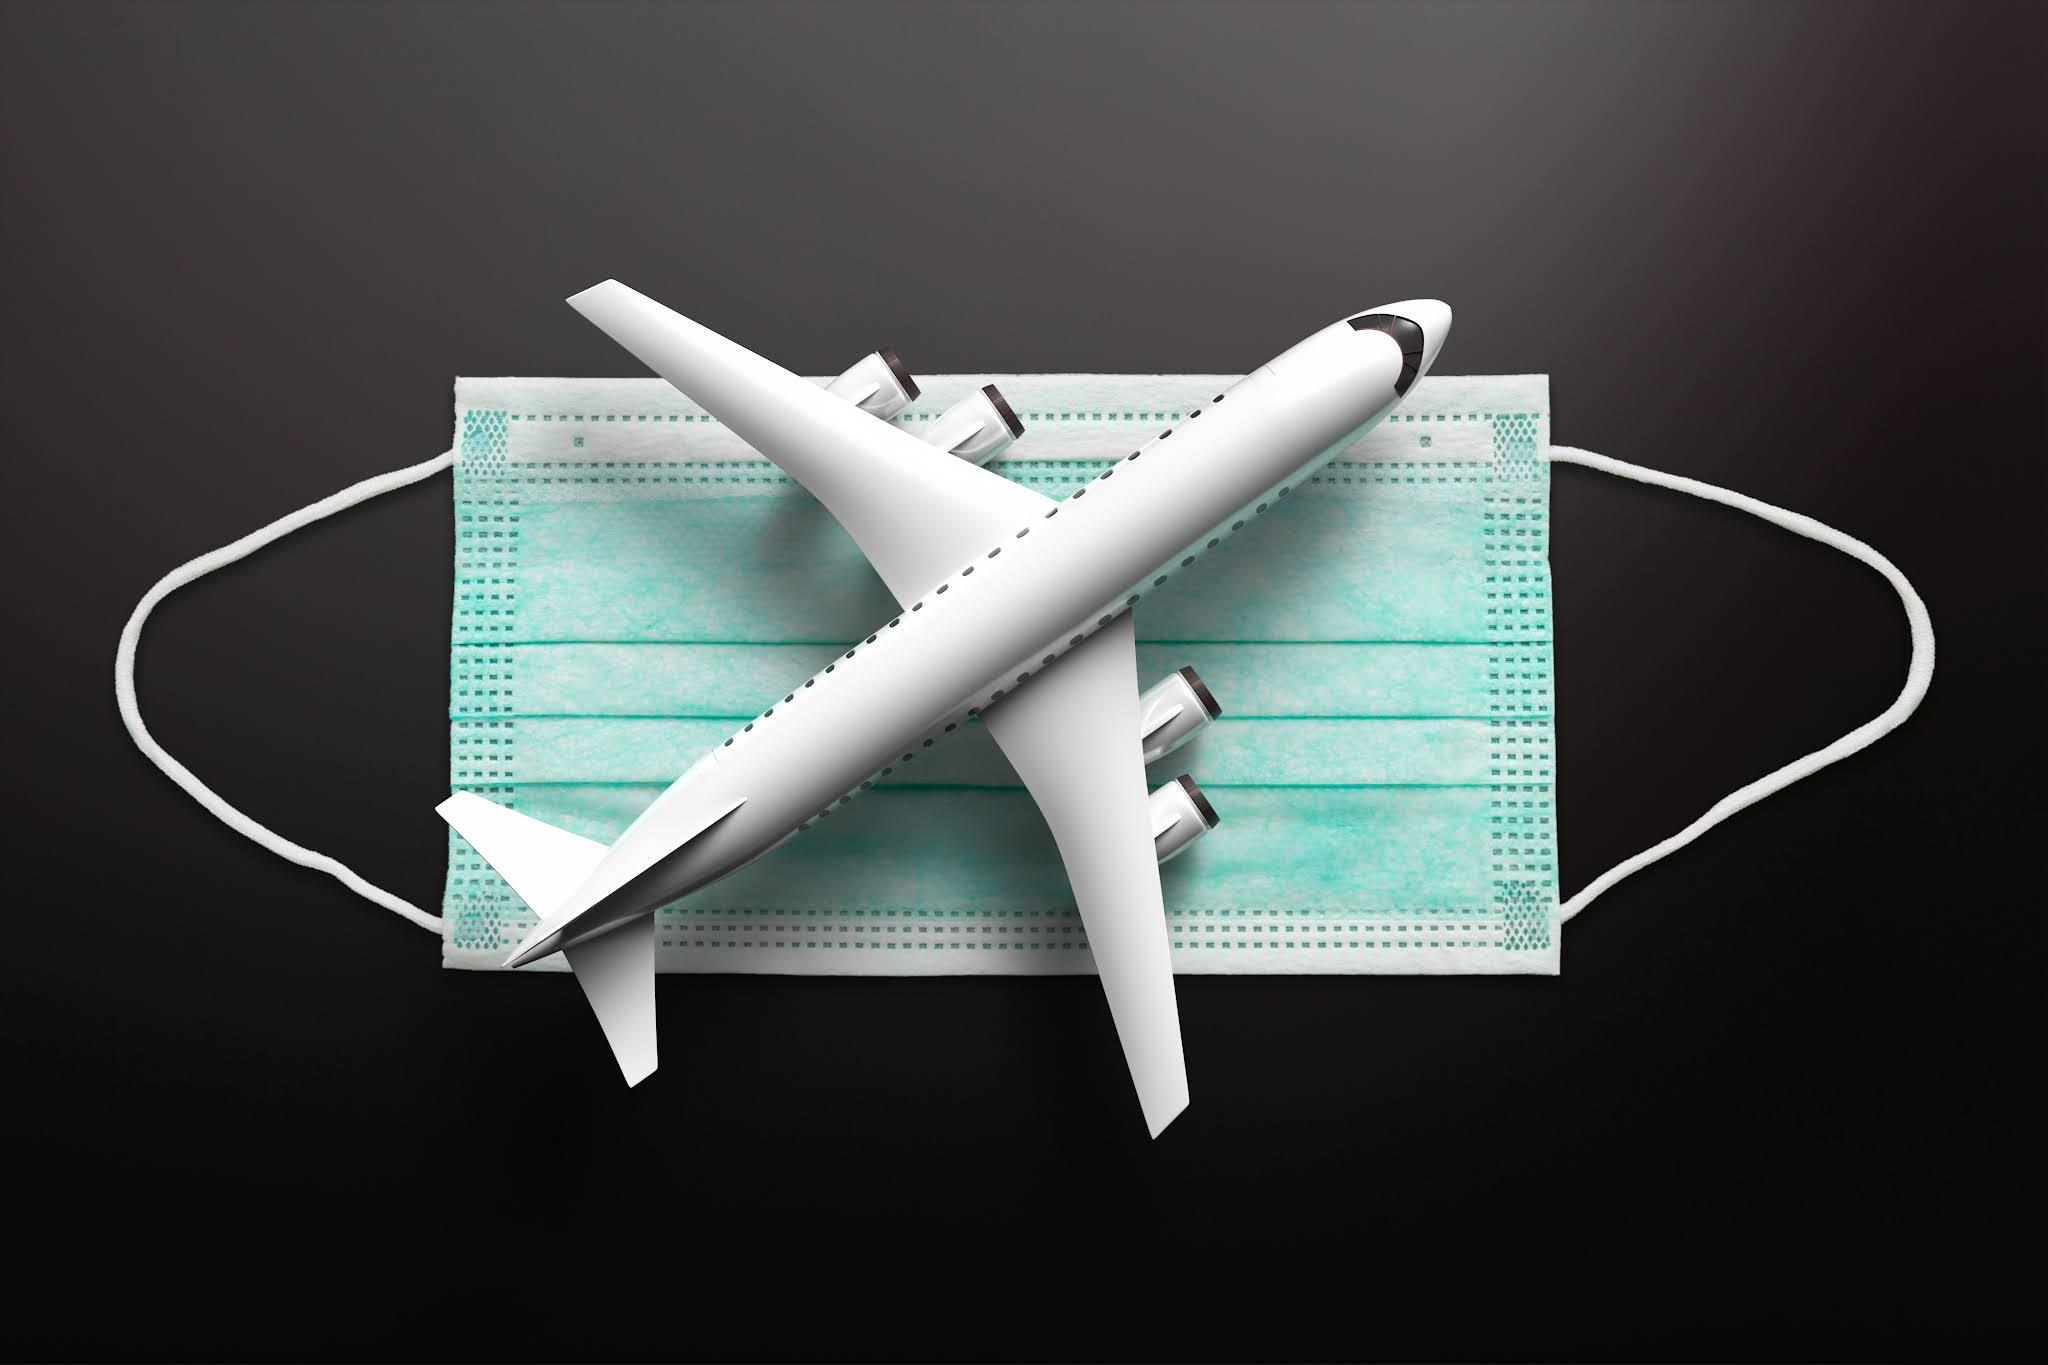 مليون مسافر يصل لمطار  airport دبي الدولي خلال الأيام المقبلة